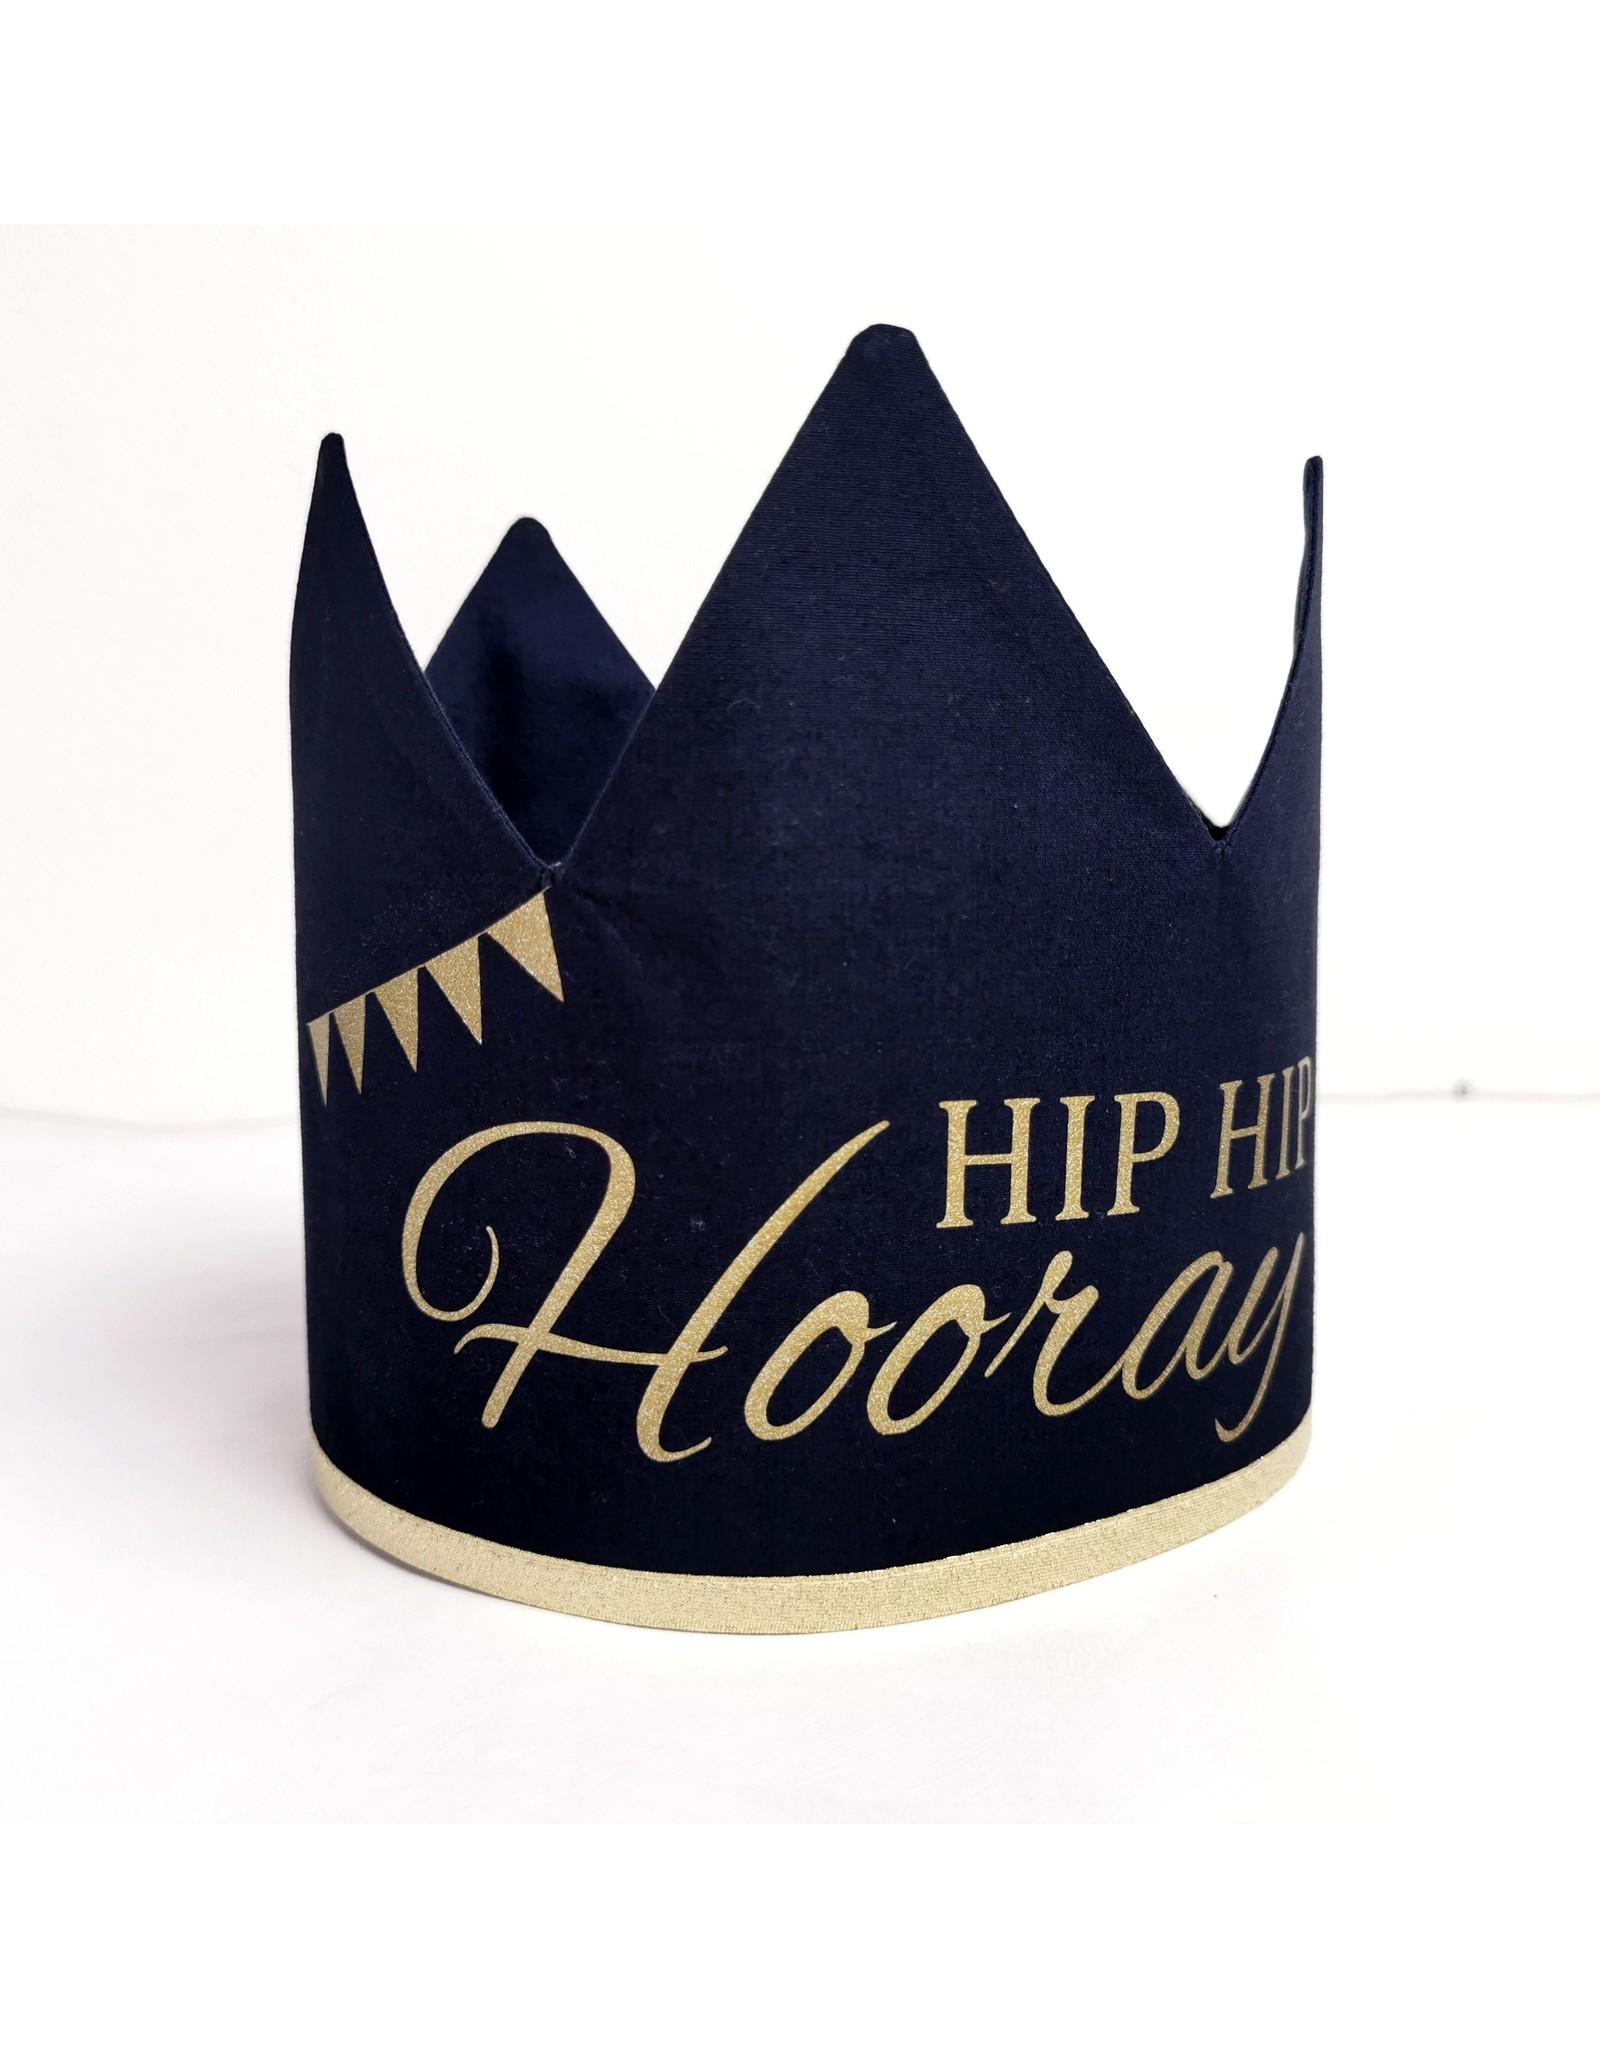 Momof3 Verjaardagskroon hip hip hooray: donkerblauw